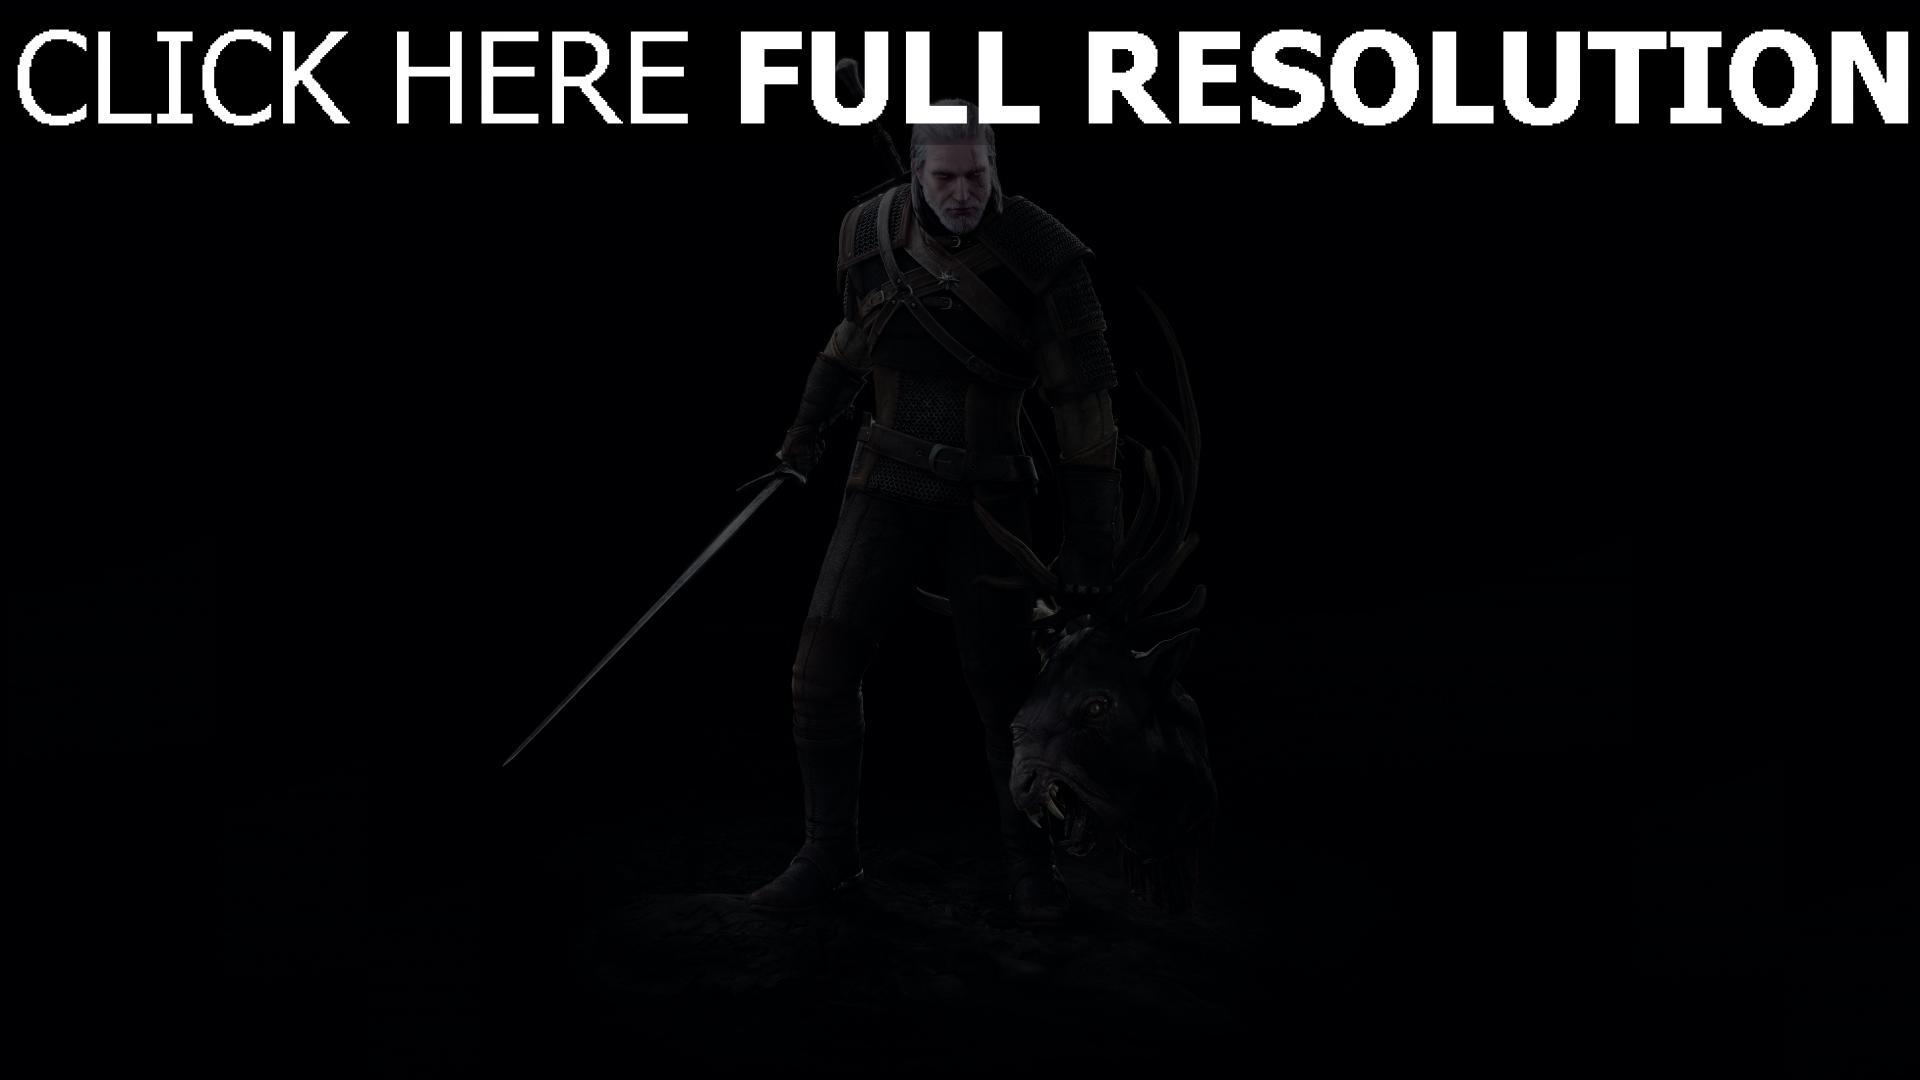 Herunterladen 1920x1080 Full Hd Hintergrundbilder Geralt